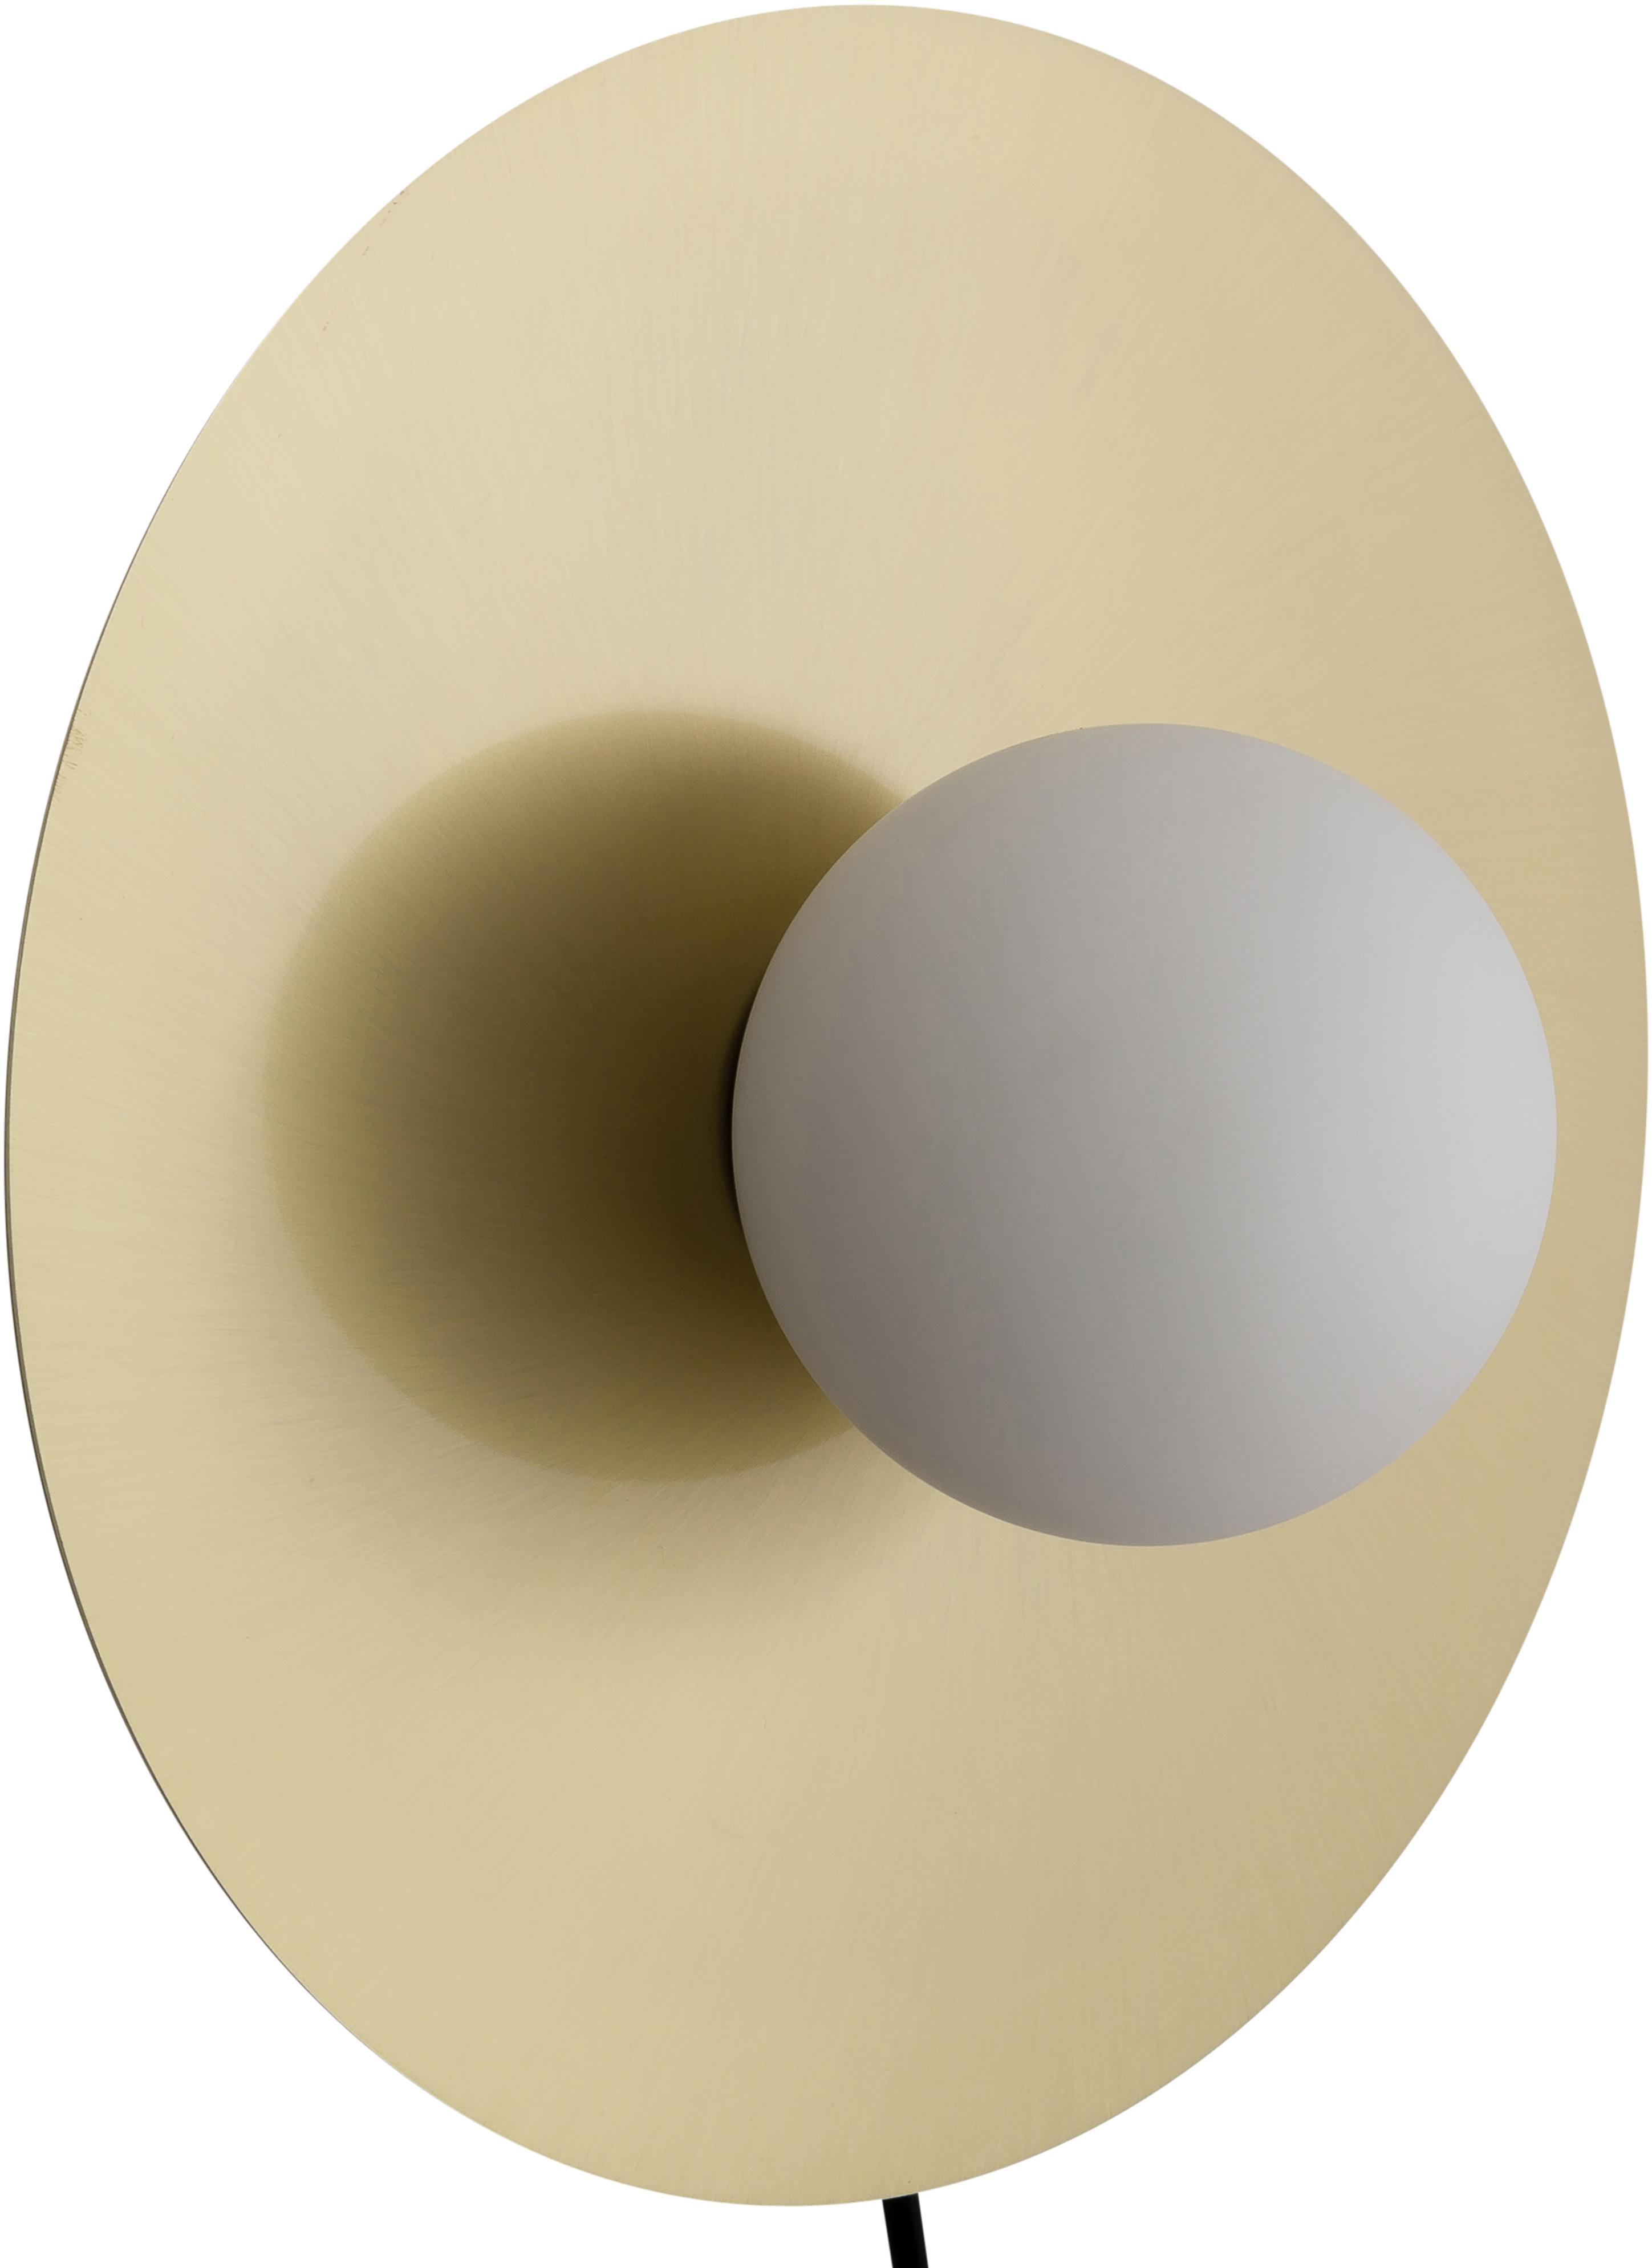 LED wandlamp Starling, Lampenkap: glas, Baldakijn: mat messingkleurig. Lampenkap: wit, Ø 33 cm